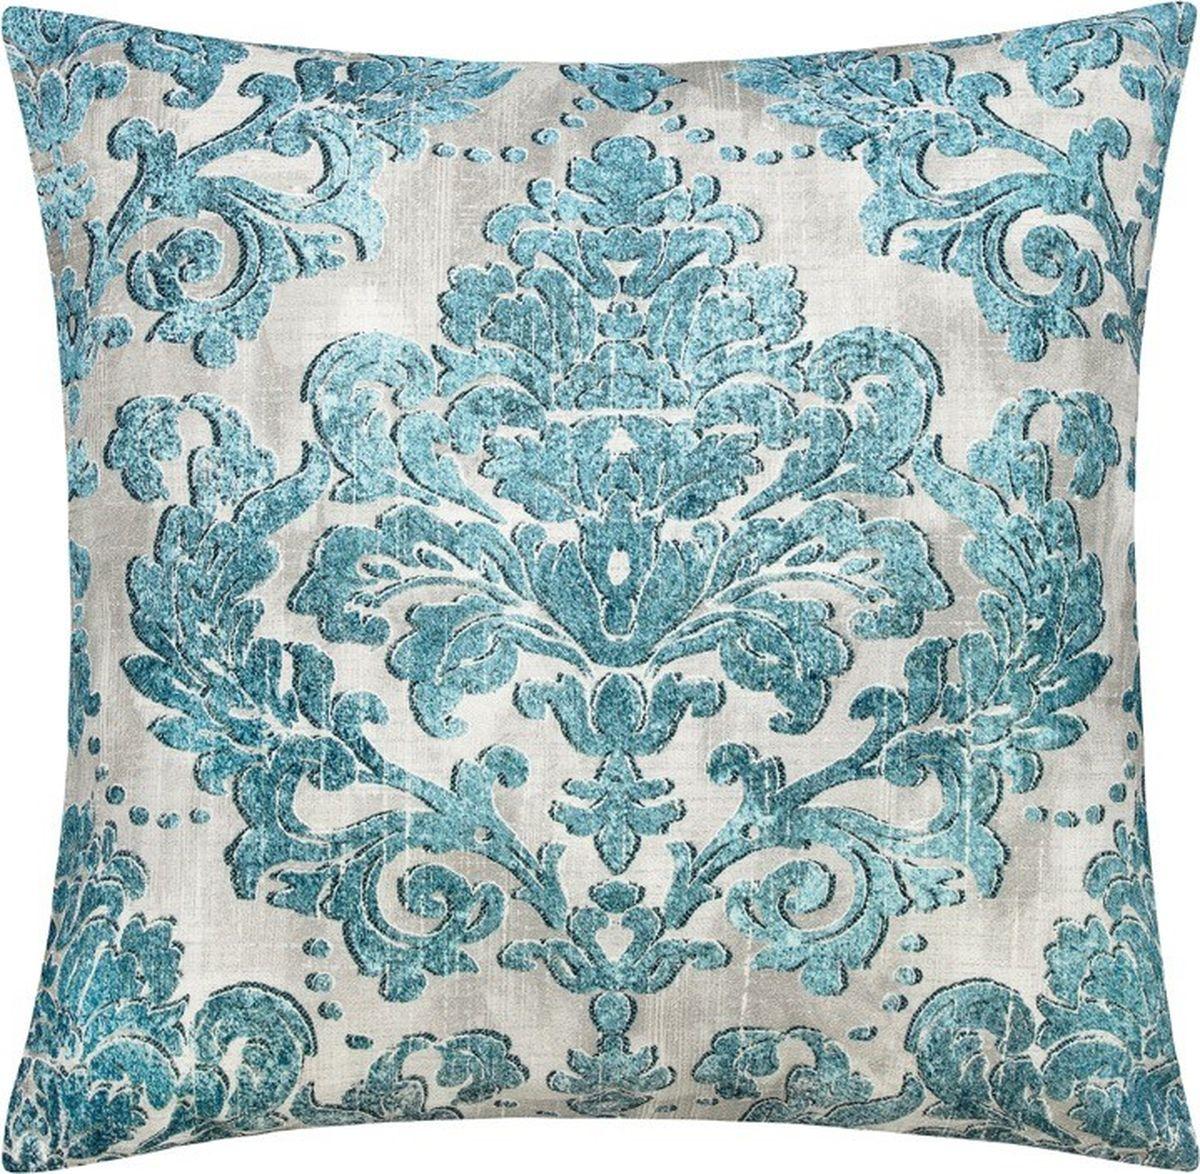 Подушка декоративная Togas Донна, 45 х 45 см подушка декоративная togas пагода наполнитель полиэфир цвет синий золотой 45 х 45 см